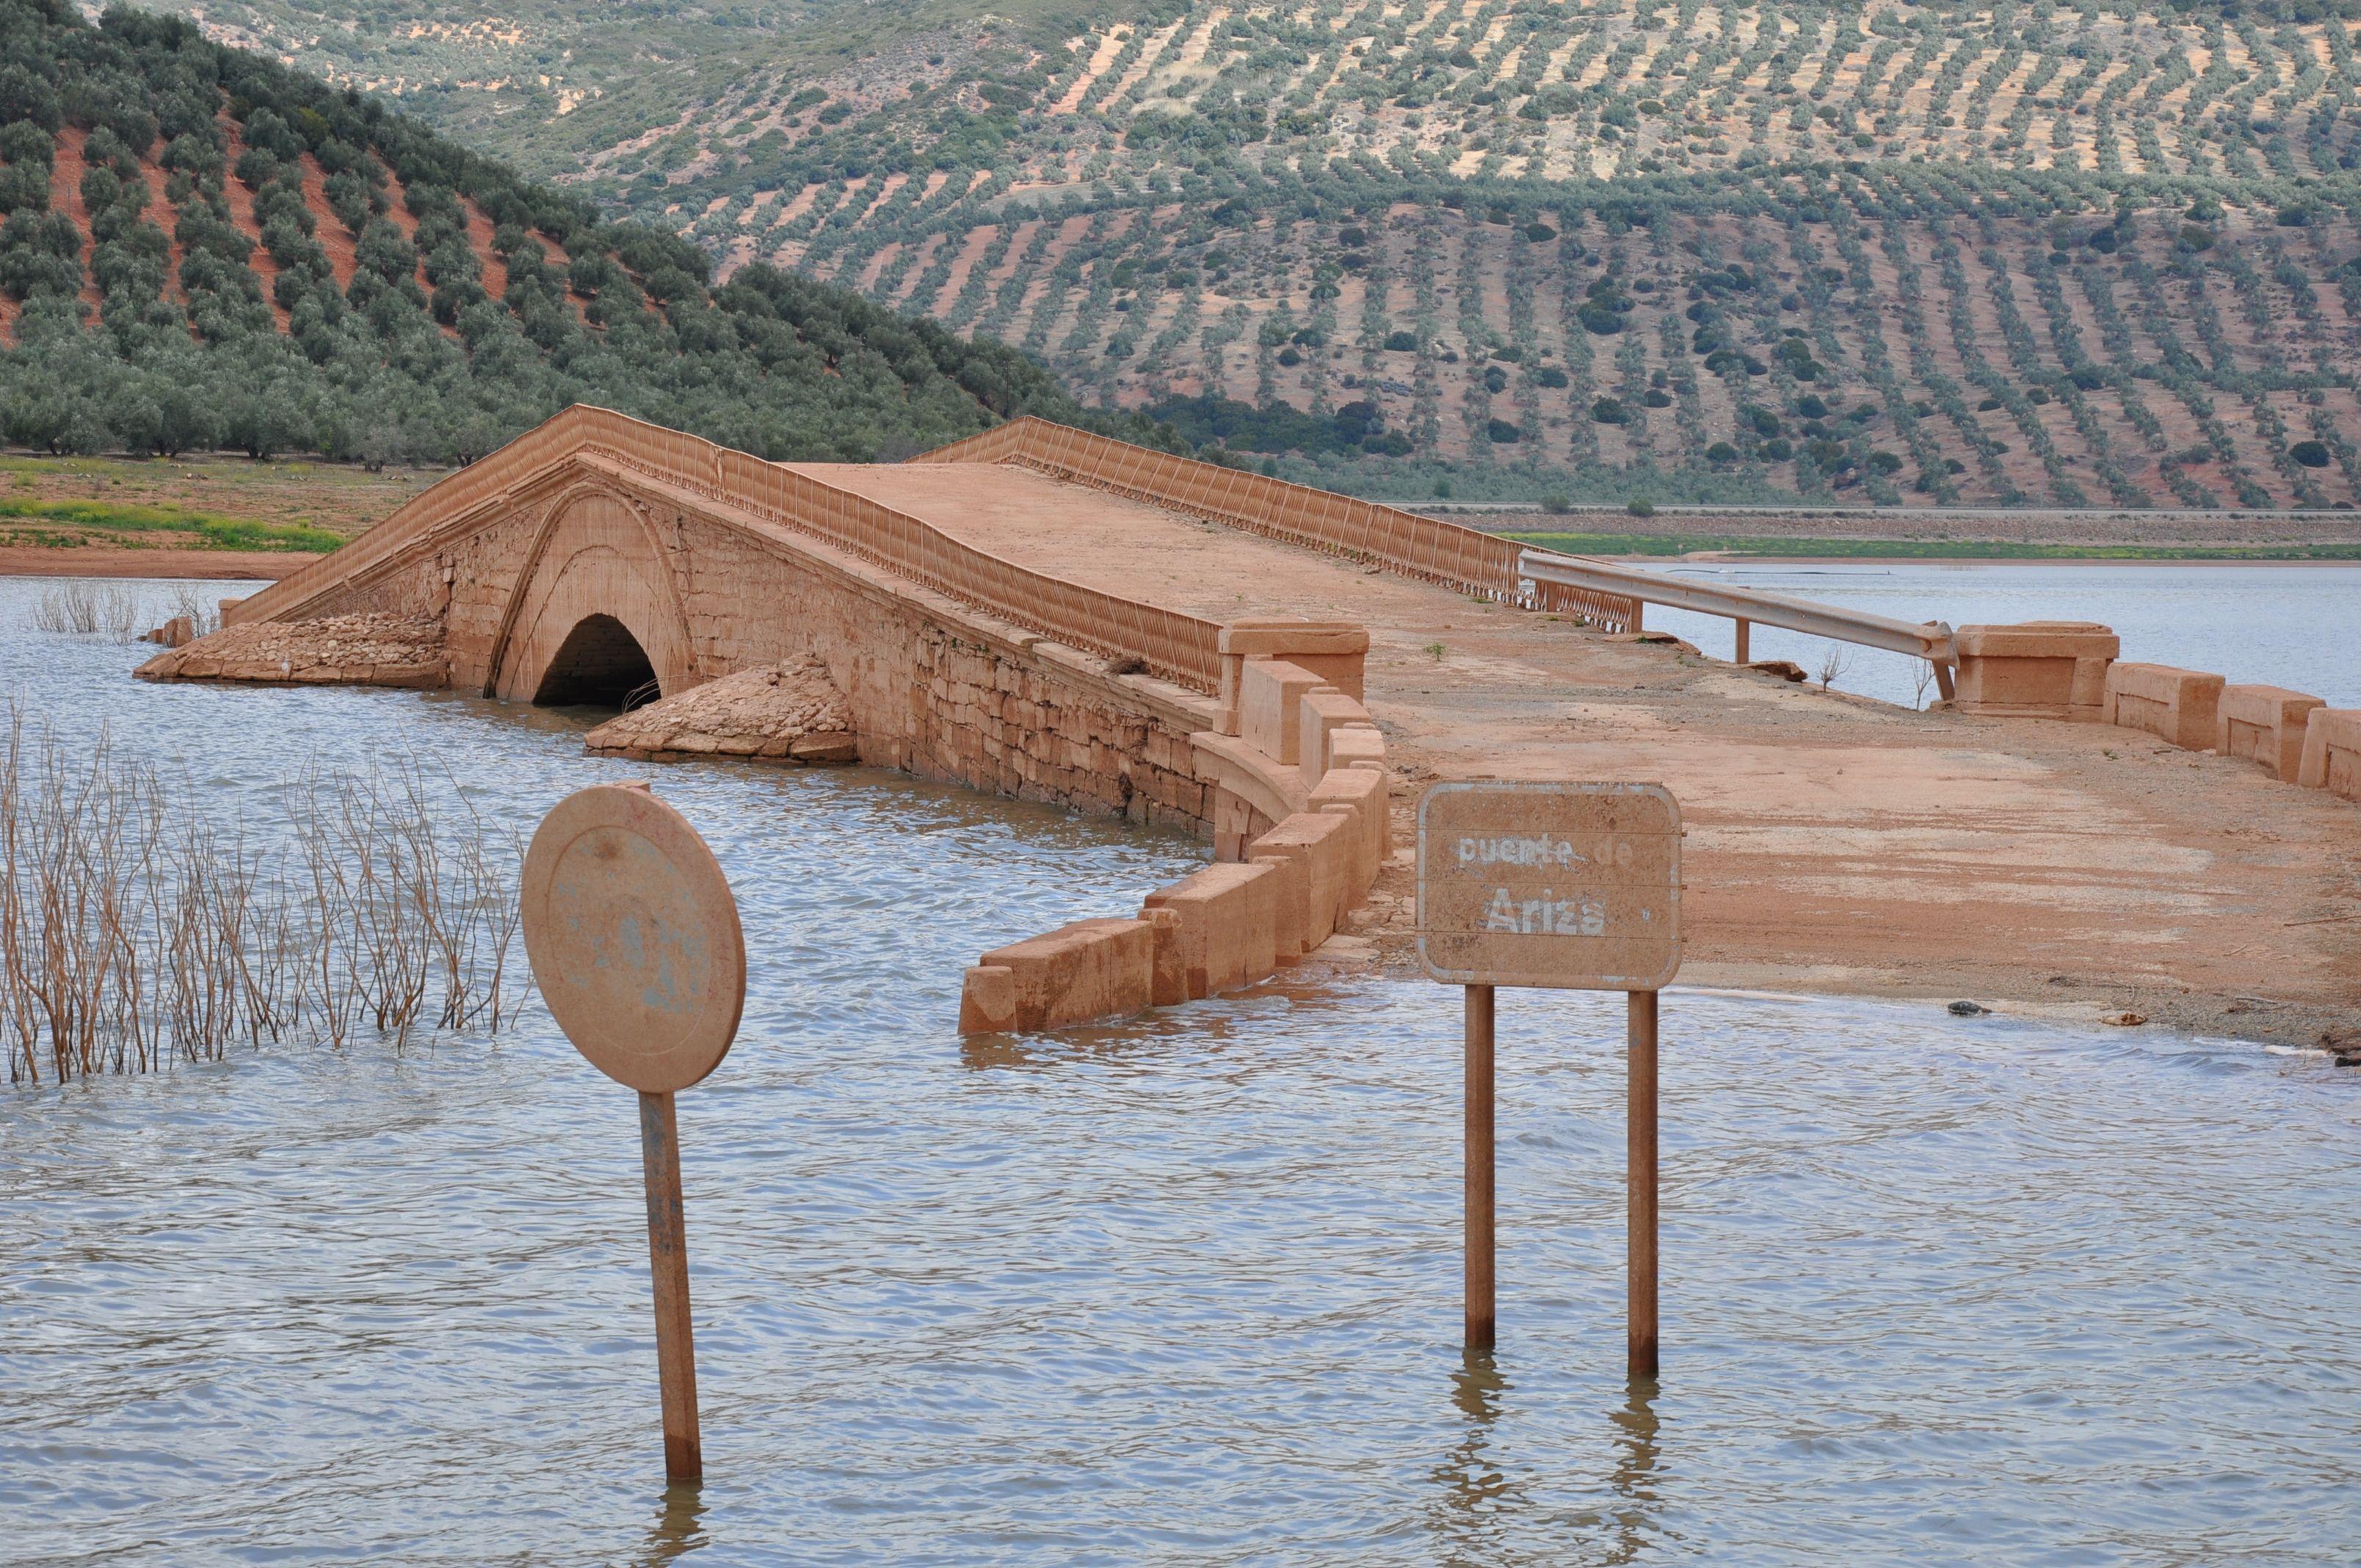 Puente-ariza